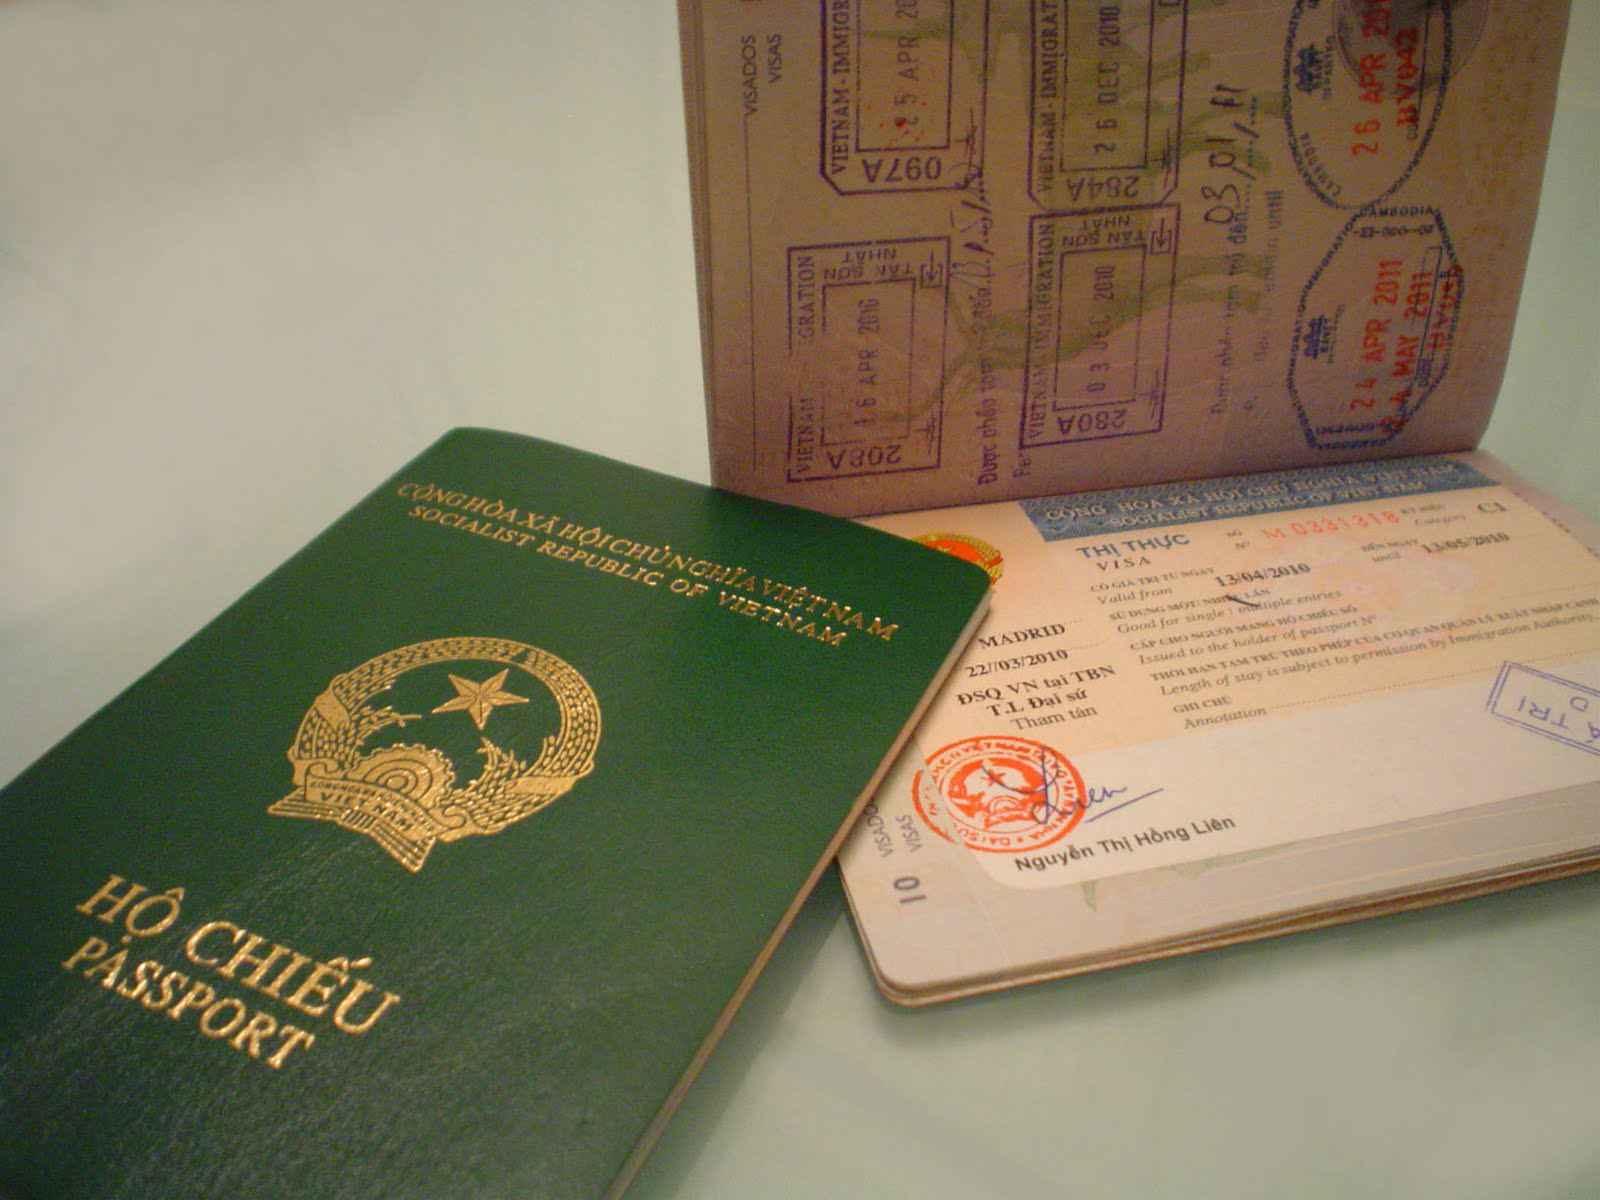 Hồ sơ và thời gian giải quyết xin trở lại quốc tịch Việt Nam